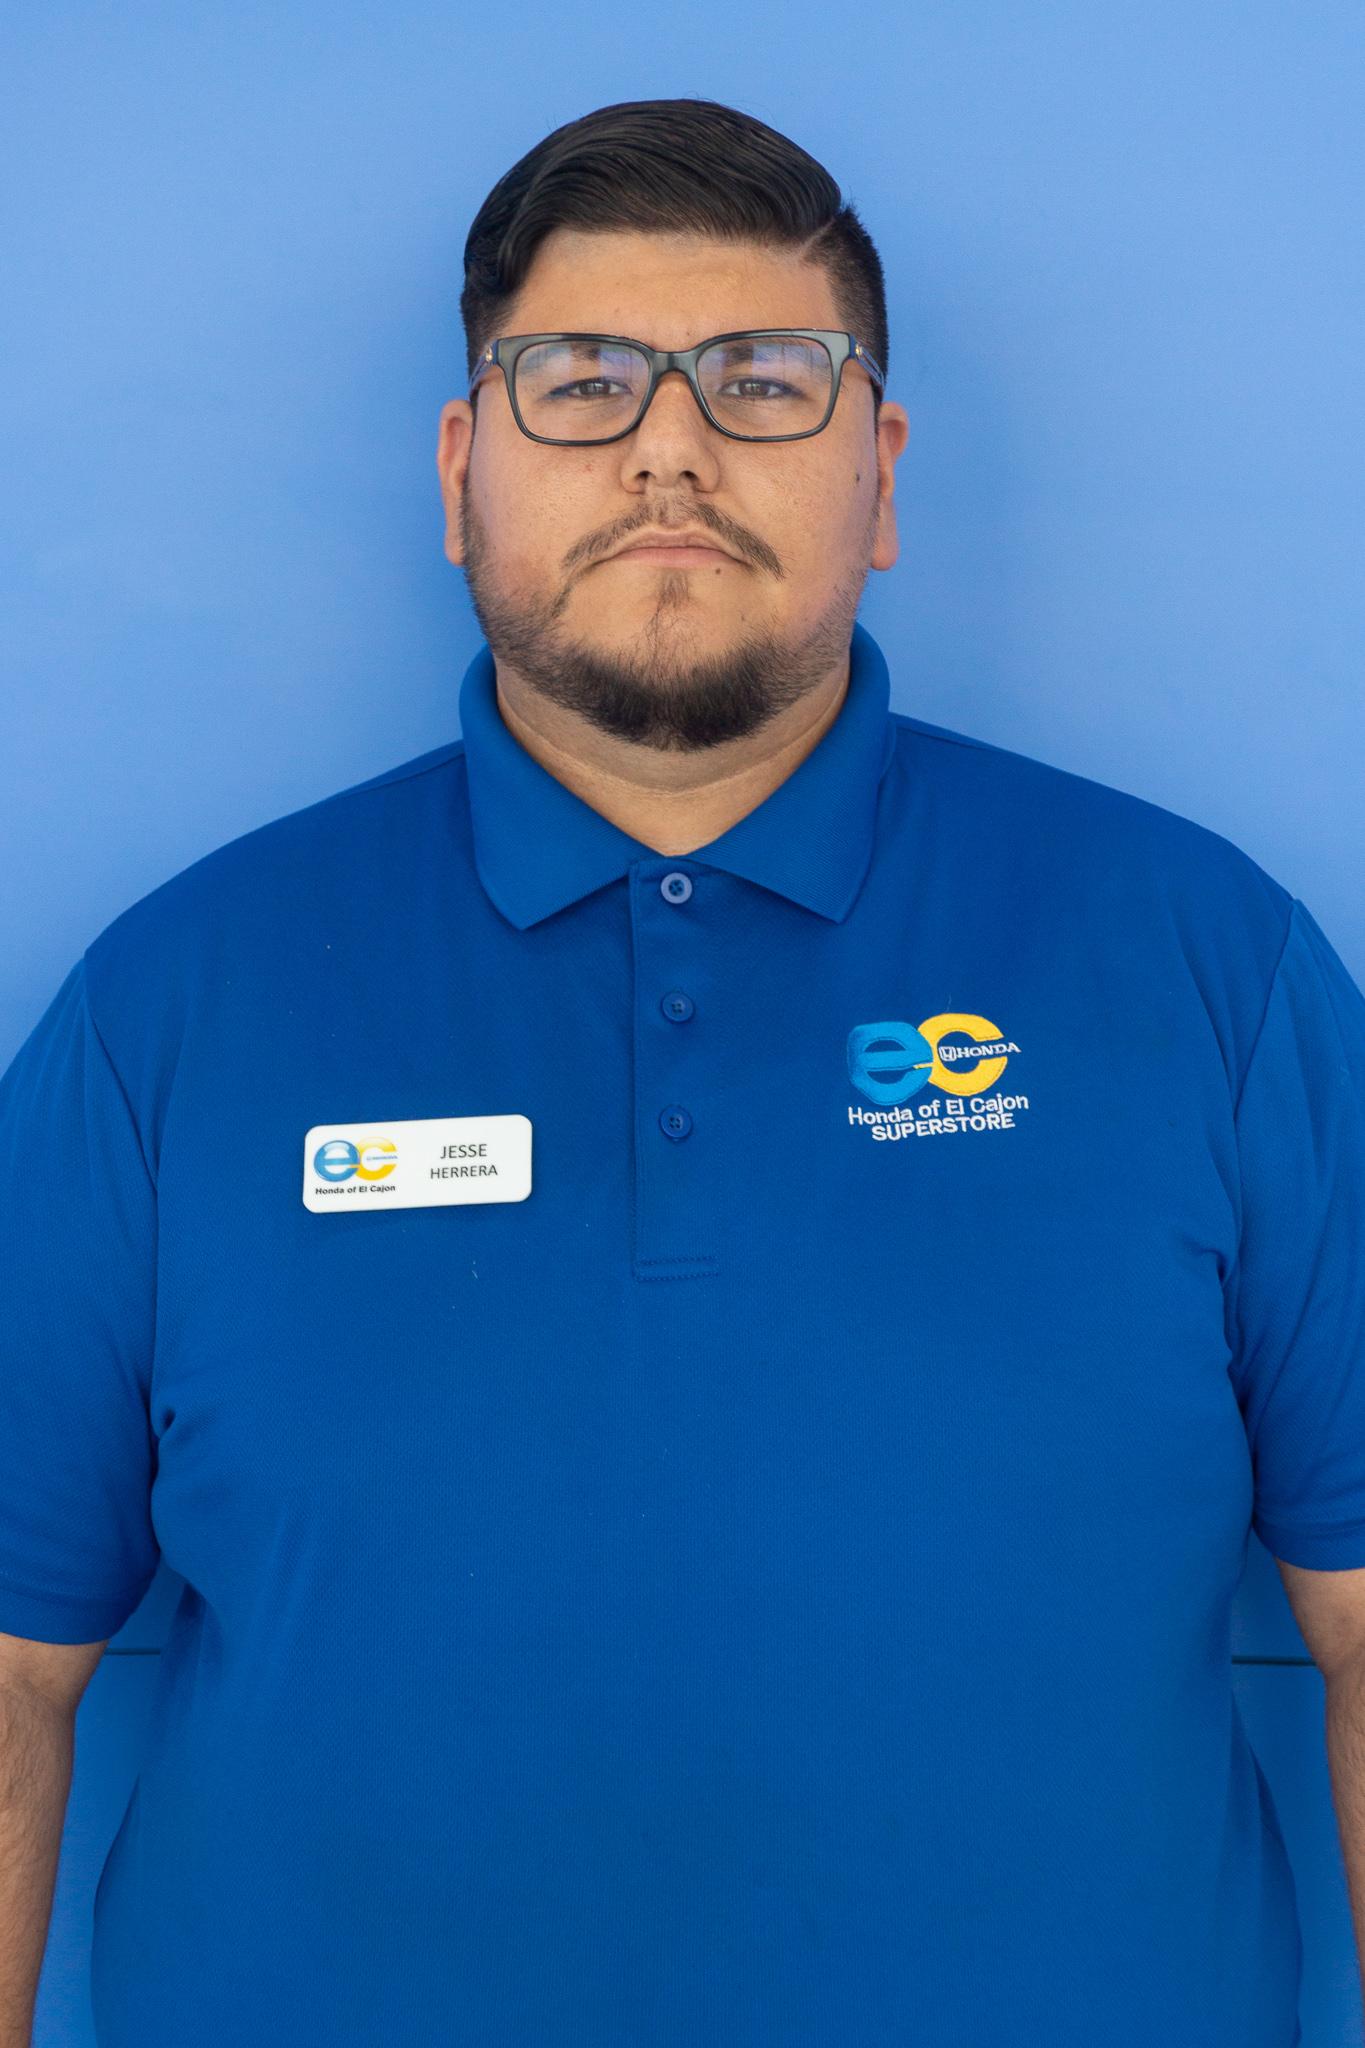 Jesse Herrera Bio Image